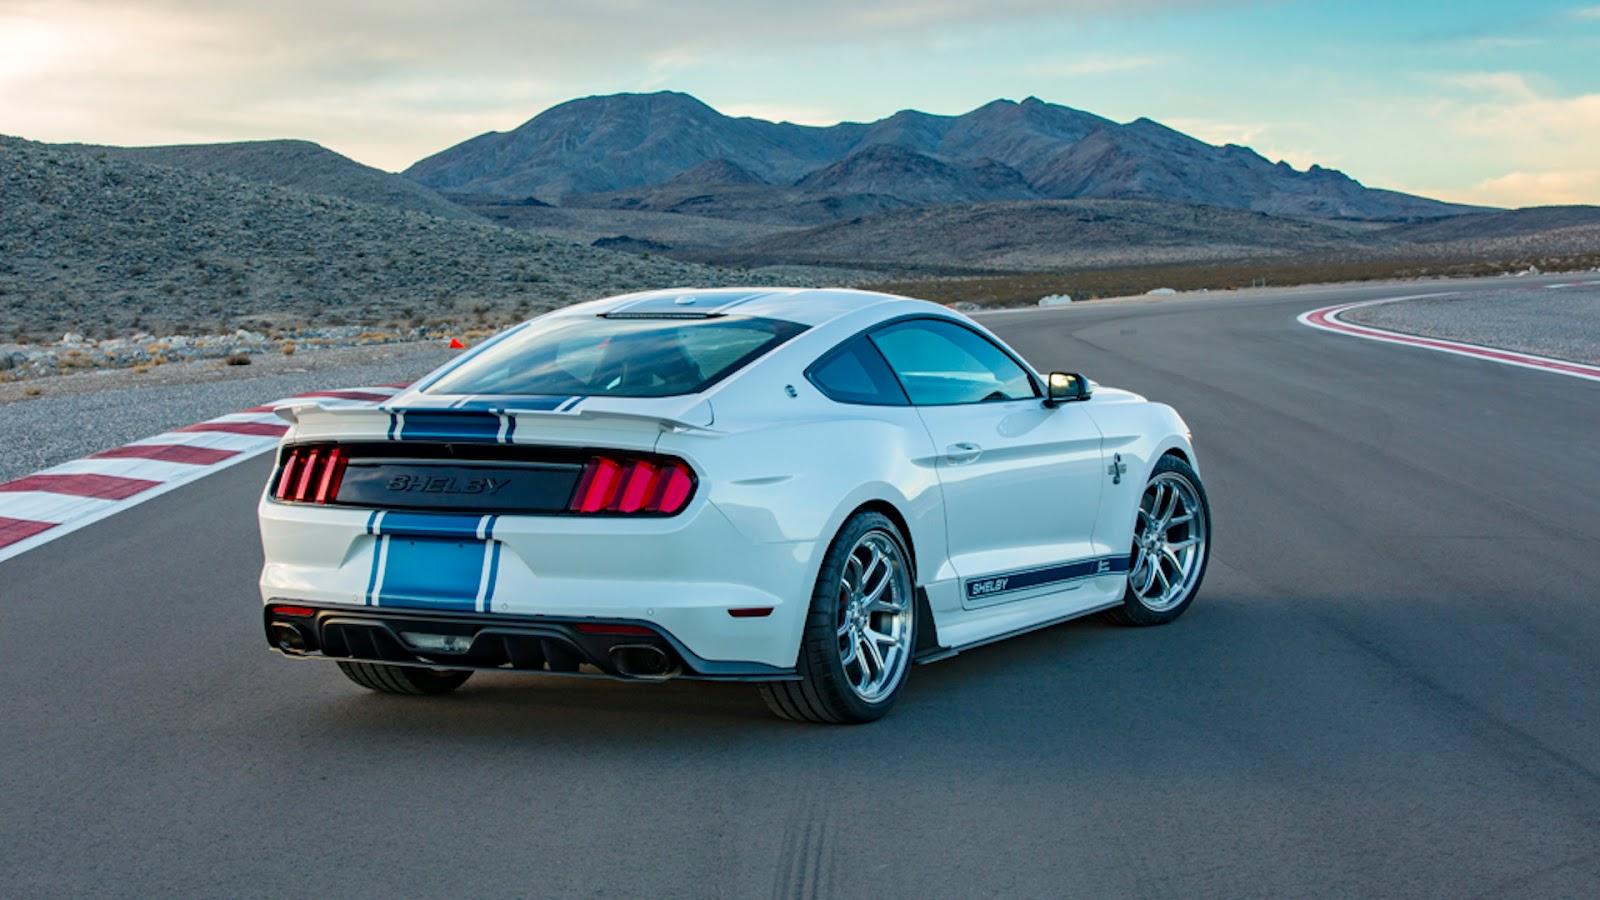 Mustang Shelby Super Snake na poisção 3x4 de traseira